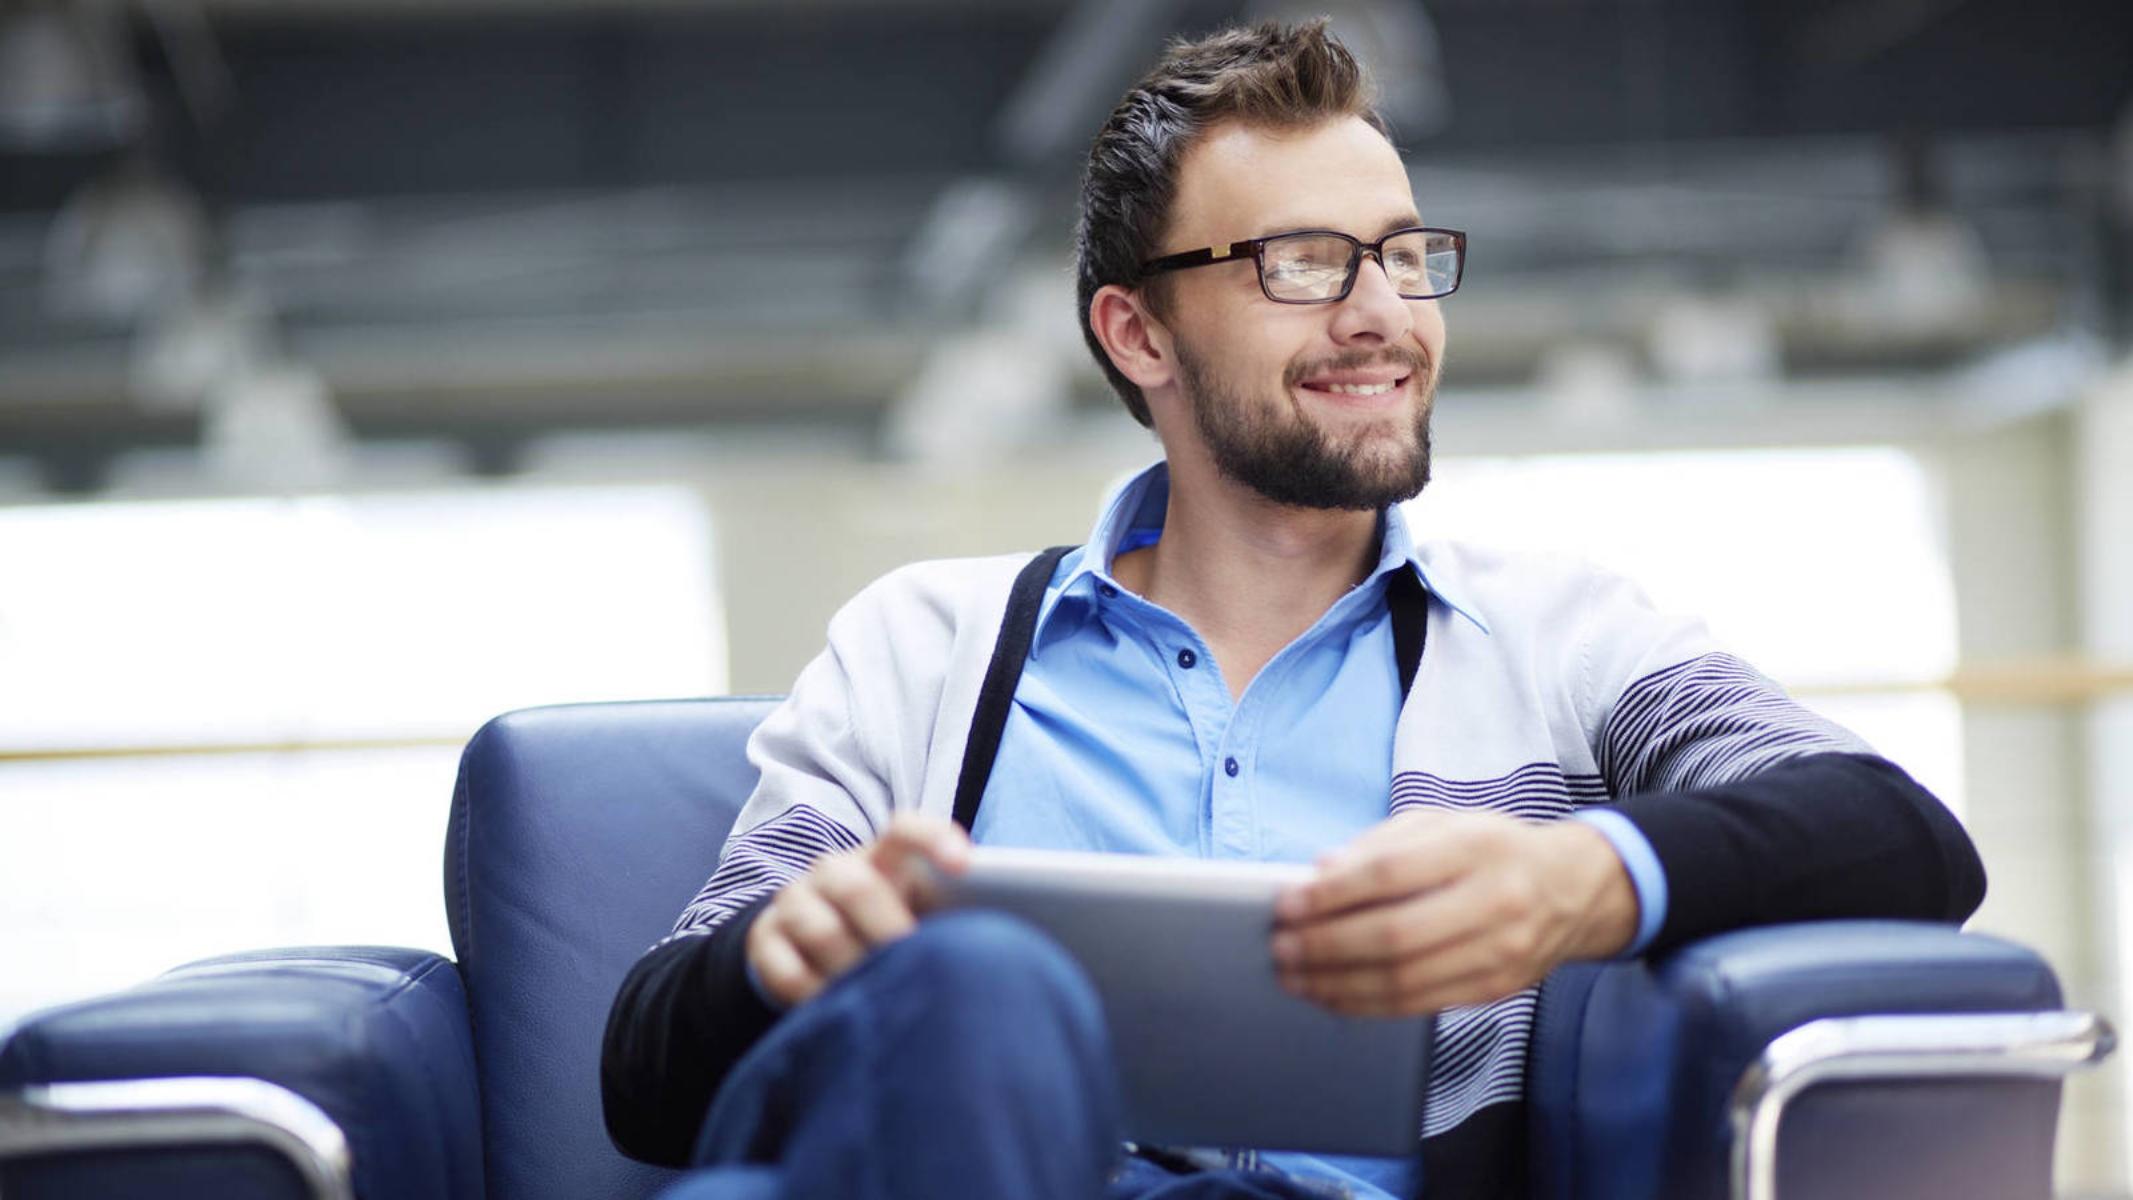 Αυτοφροντίδα: Τα χαρακτηριστικά αυτών που εμπιστεύονται τον εαυτό τους